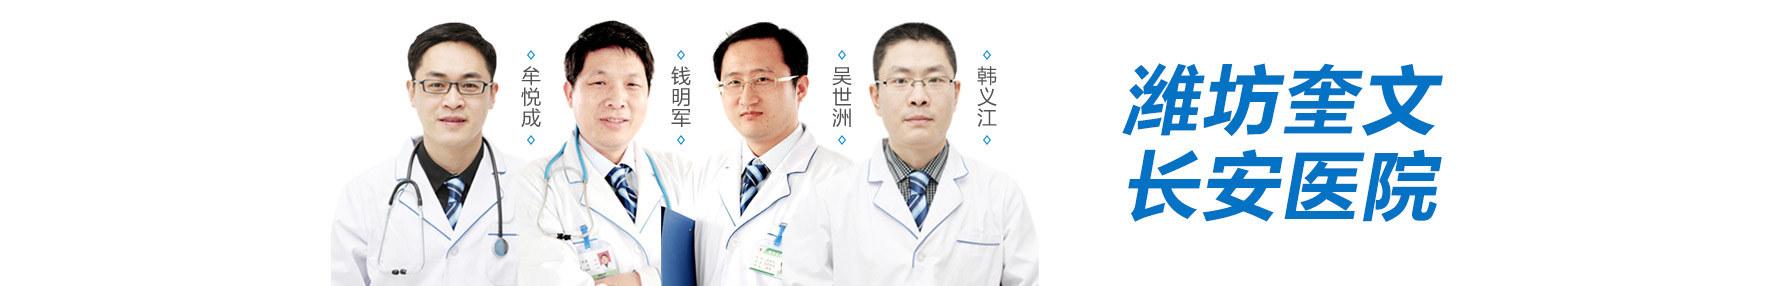 潍坊男科医院